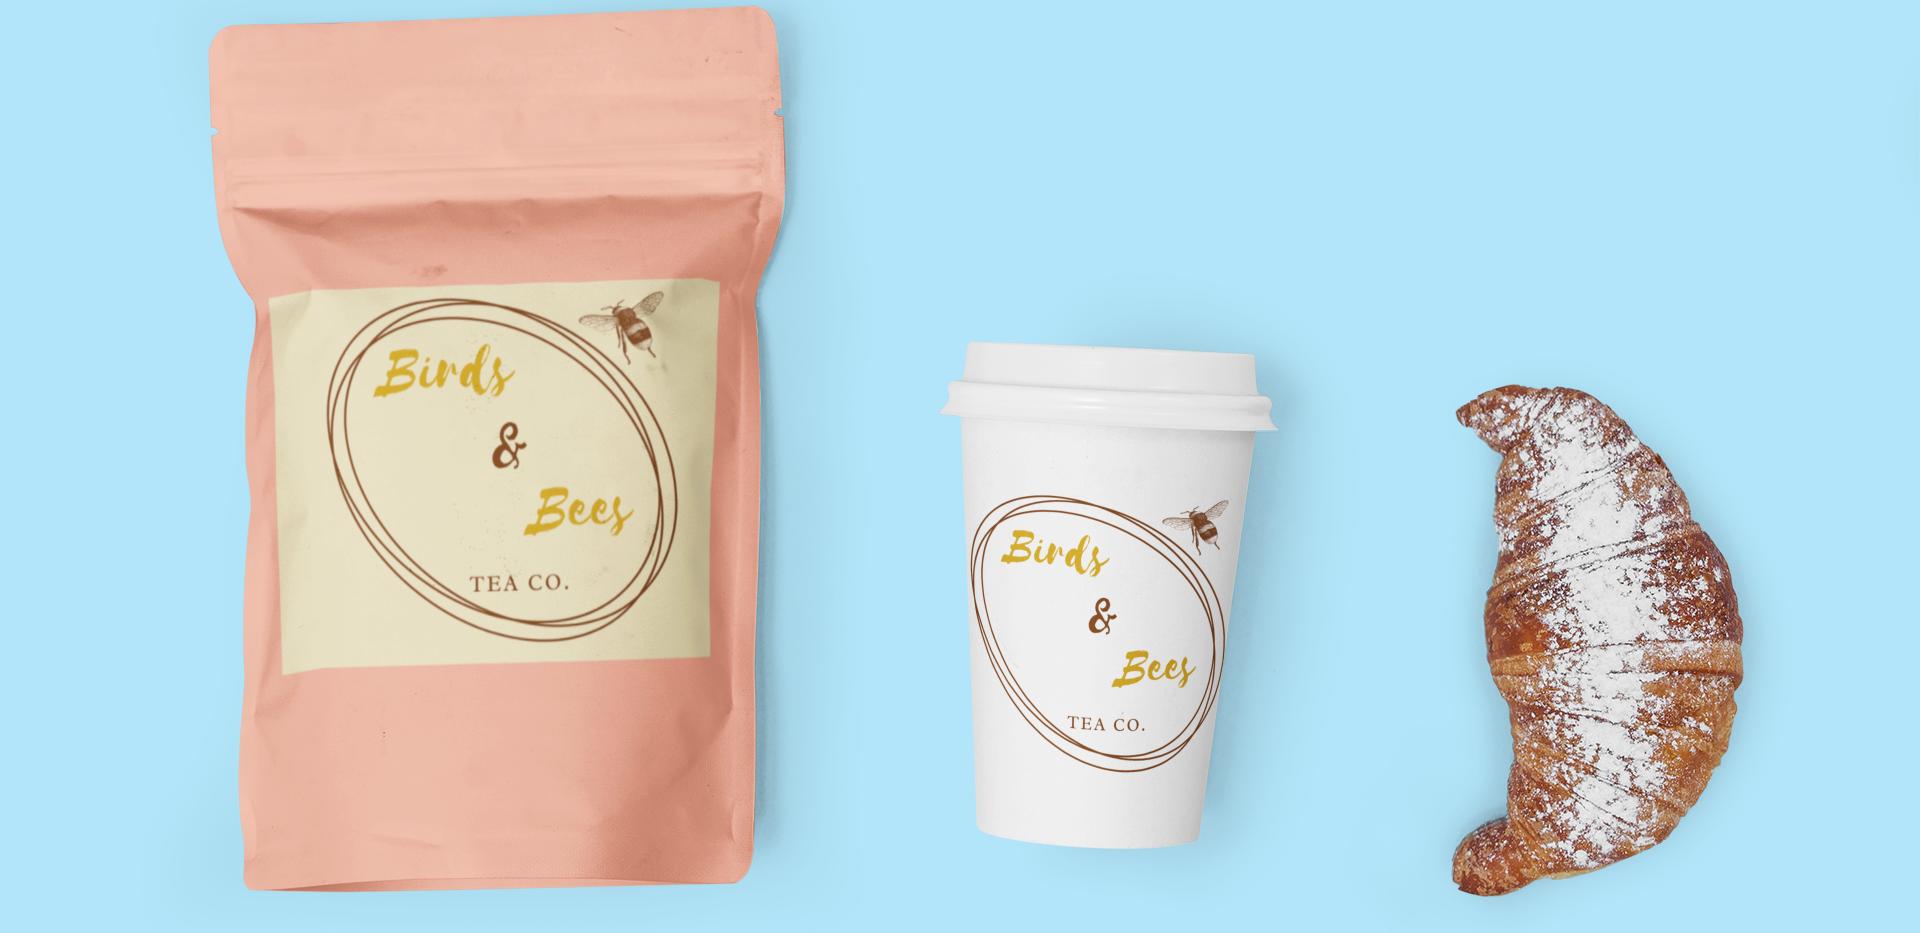 'Birds & Bees' Tea Company Concept